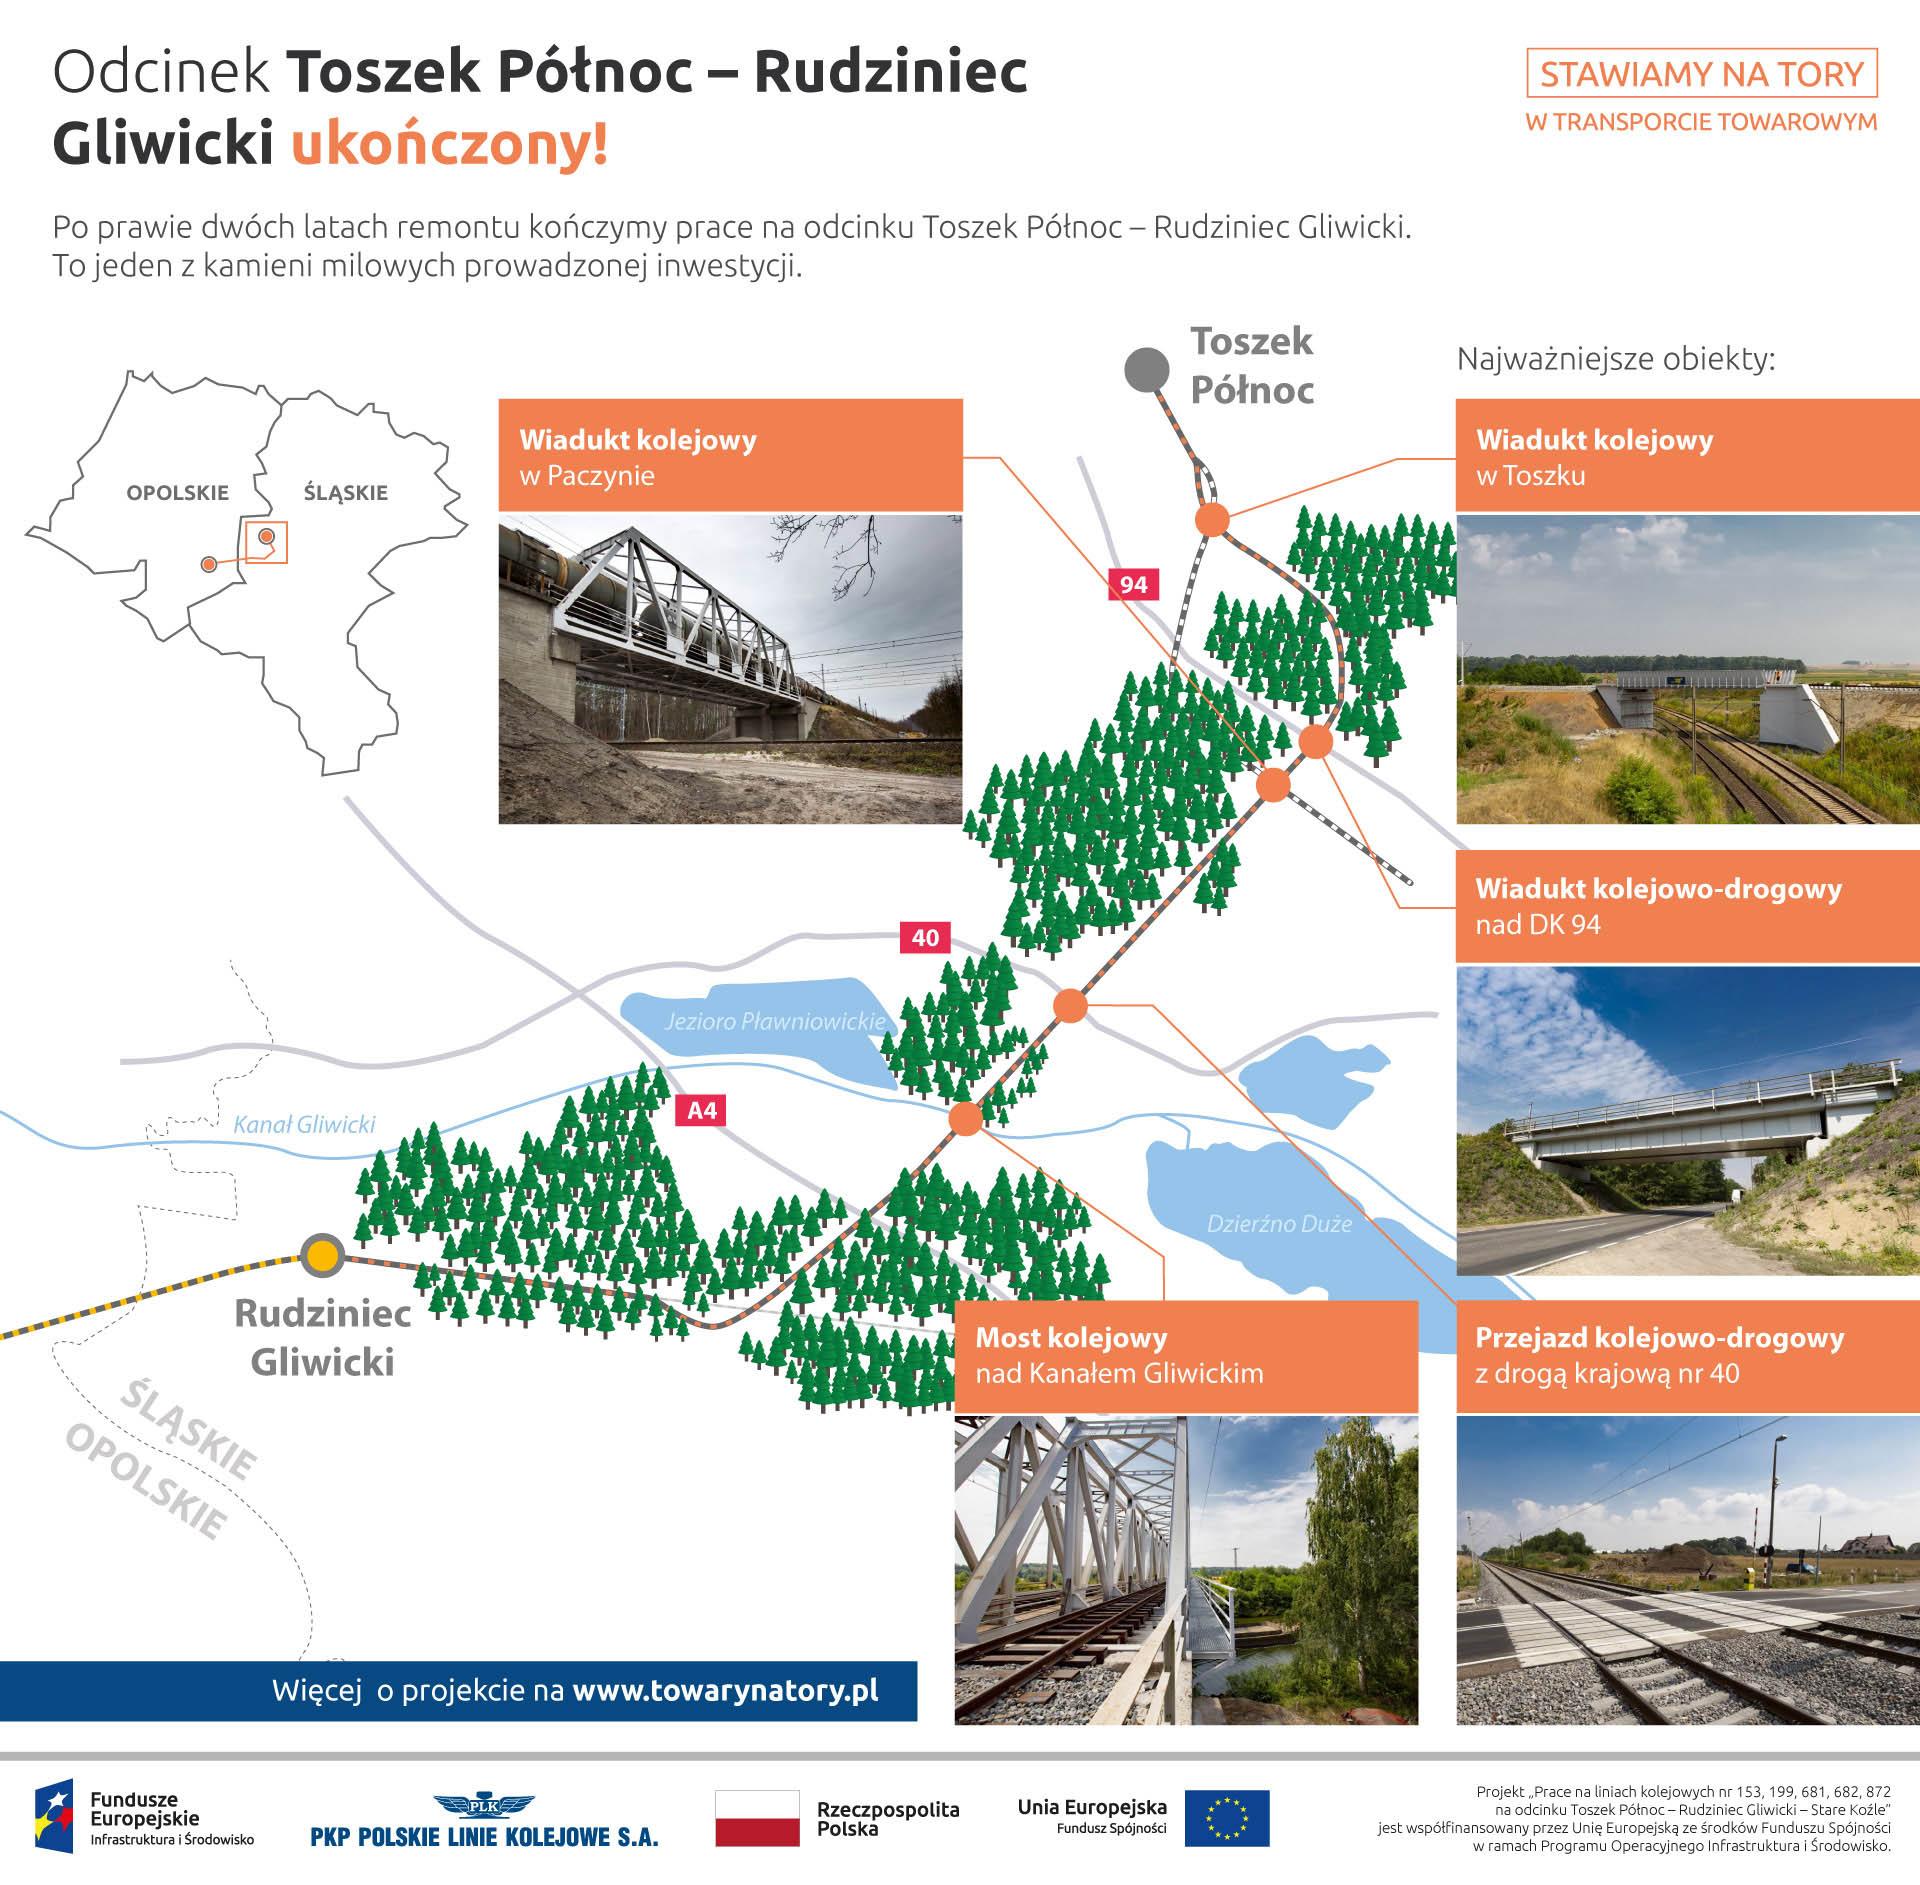 Infografika mówi o ukończeniu odcinka Toszek - Rudziniec Gliwicki. Na zdjeciach widnieją: wiadukt kolejowy w Paczynie, wiadukt kolejowy w Toszku, wiadukt kolejowo drogowy nad de ka dziewięćdziesiąt cztery, most kolejowy nad Kanałem Kędzierzyńskim, przejazd kolejowo drogowy z drogą krajową numer 40.